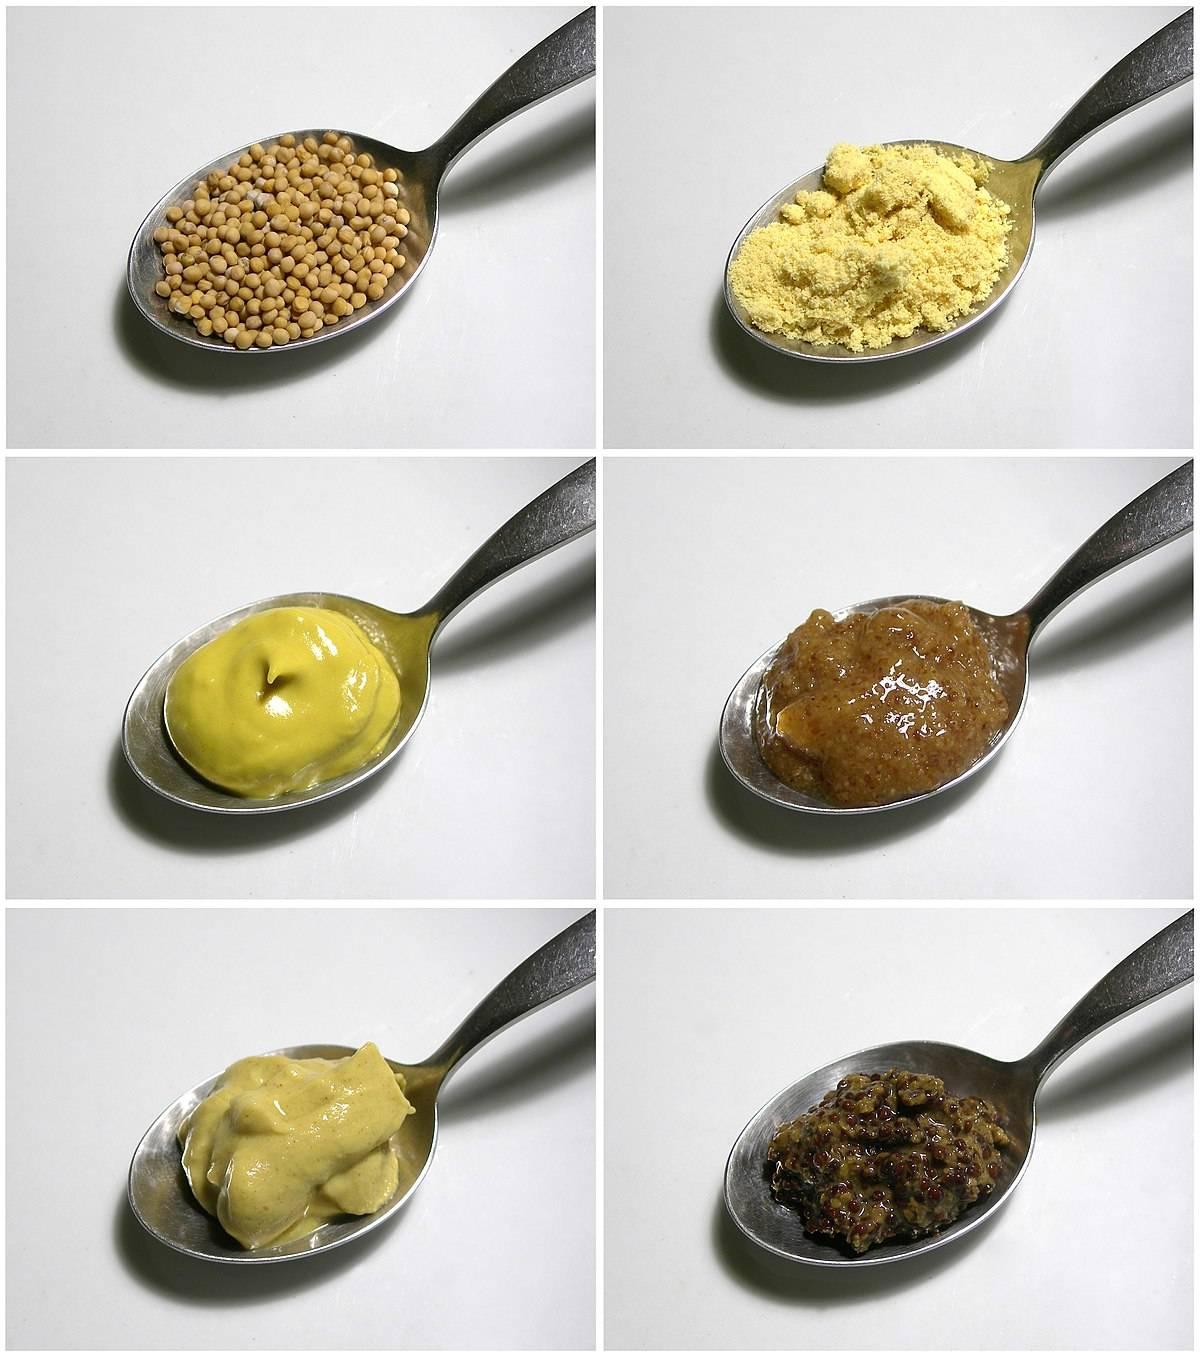 Состав и калорийность зернистой горчицы, польза и вред, интересные рецепты